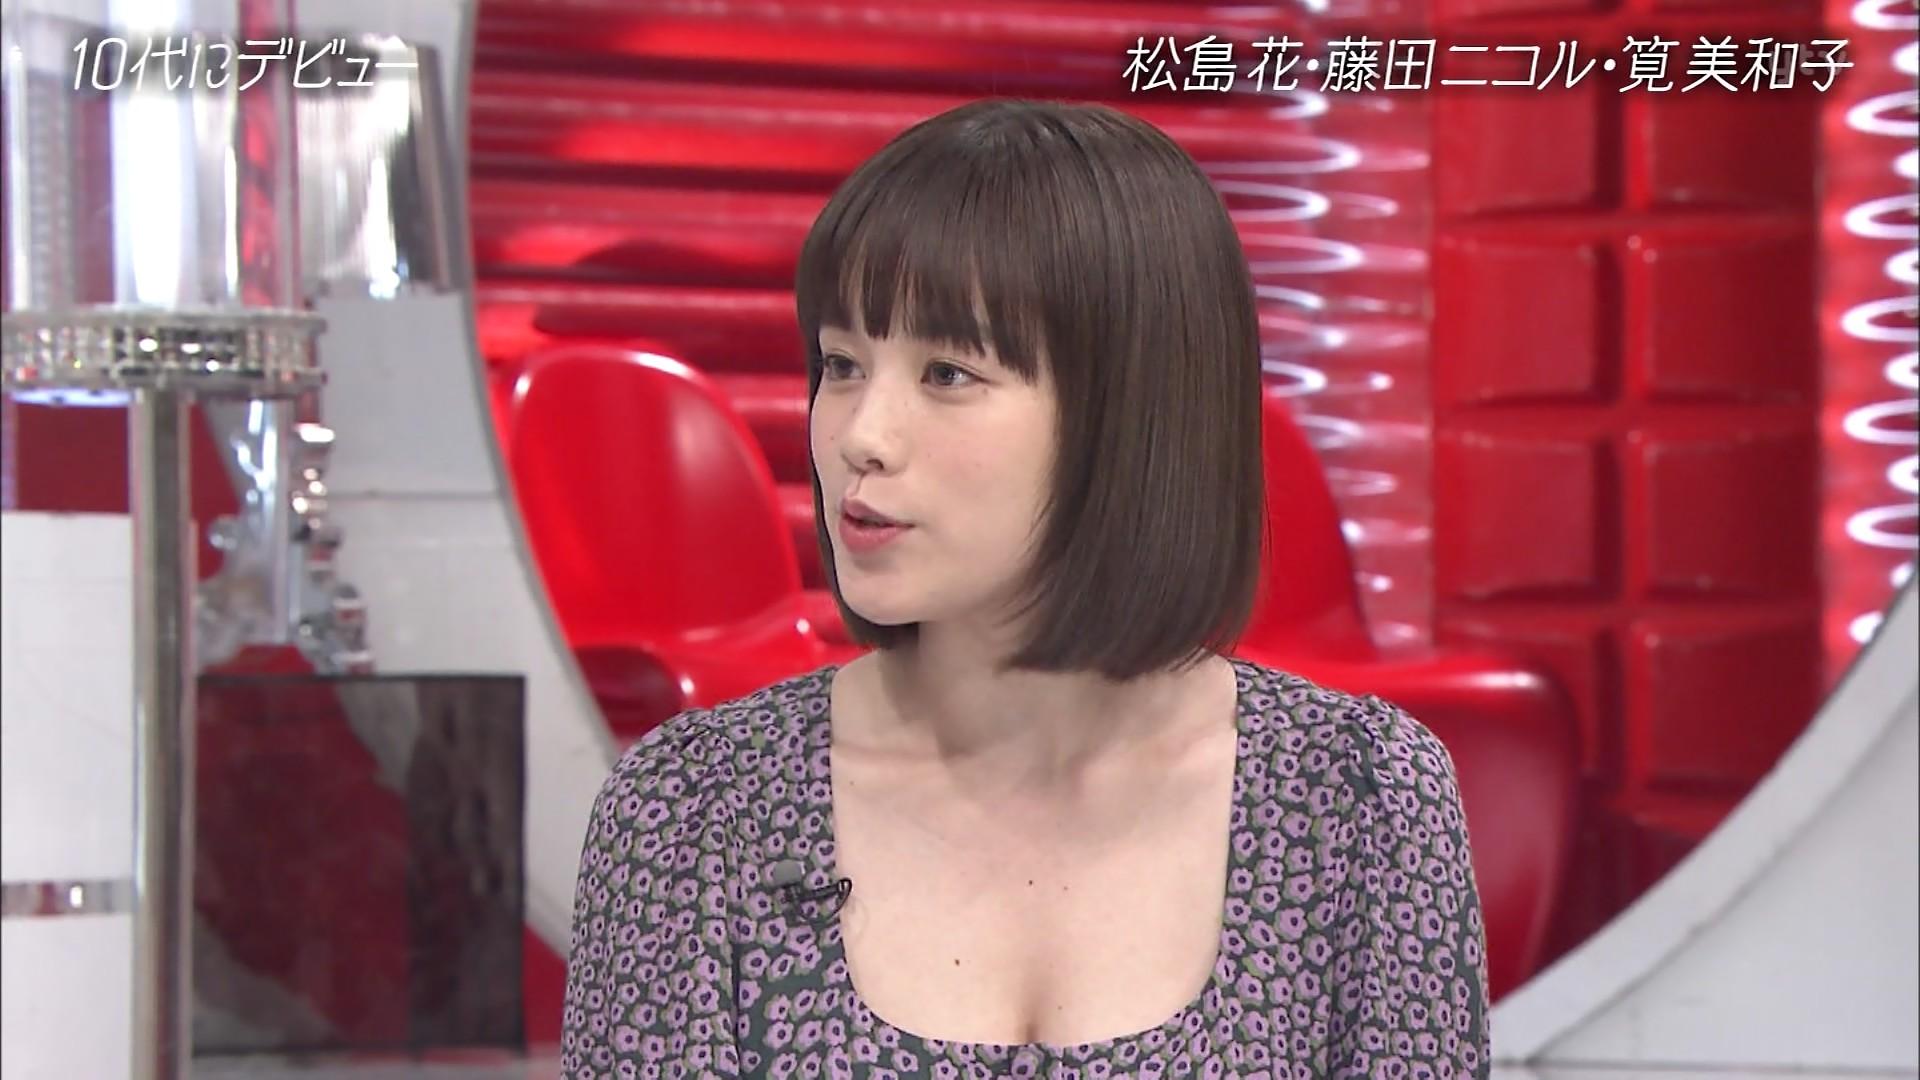 胸チラ_谷間_おっぱい_おしゃれイズム_05